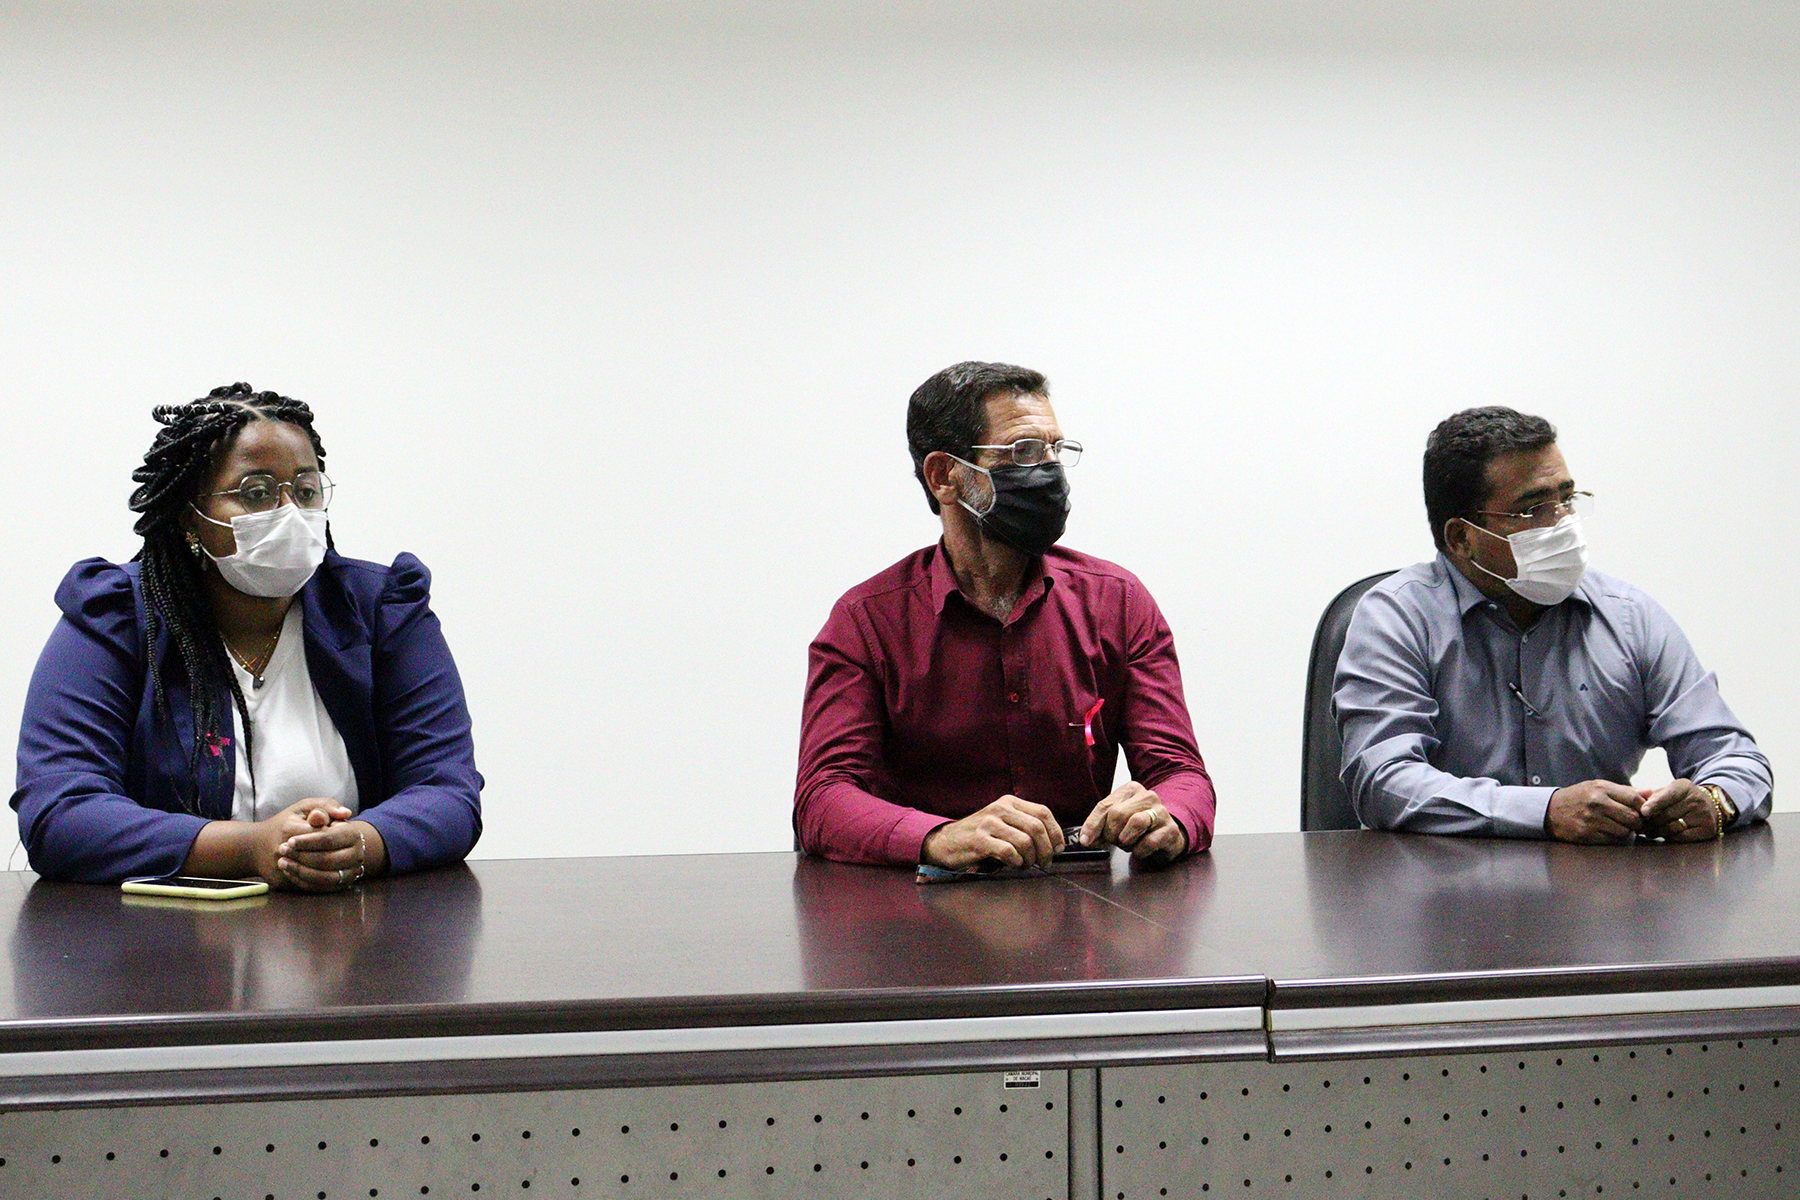 Vereadores Iza Vicente (Rede), Amaro Luiz (PRTB) e Edson Chiquini (PSD) durante reunião da CPI da BRK Ambiental